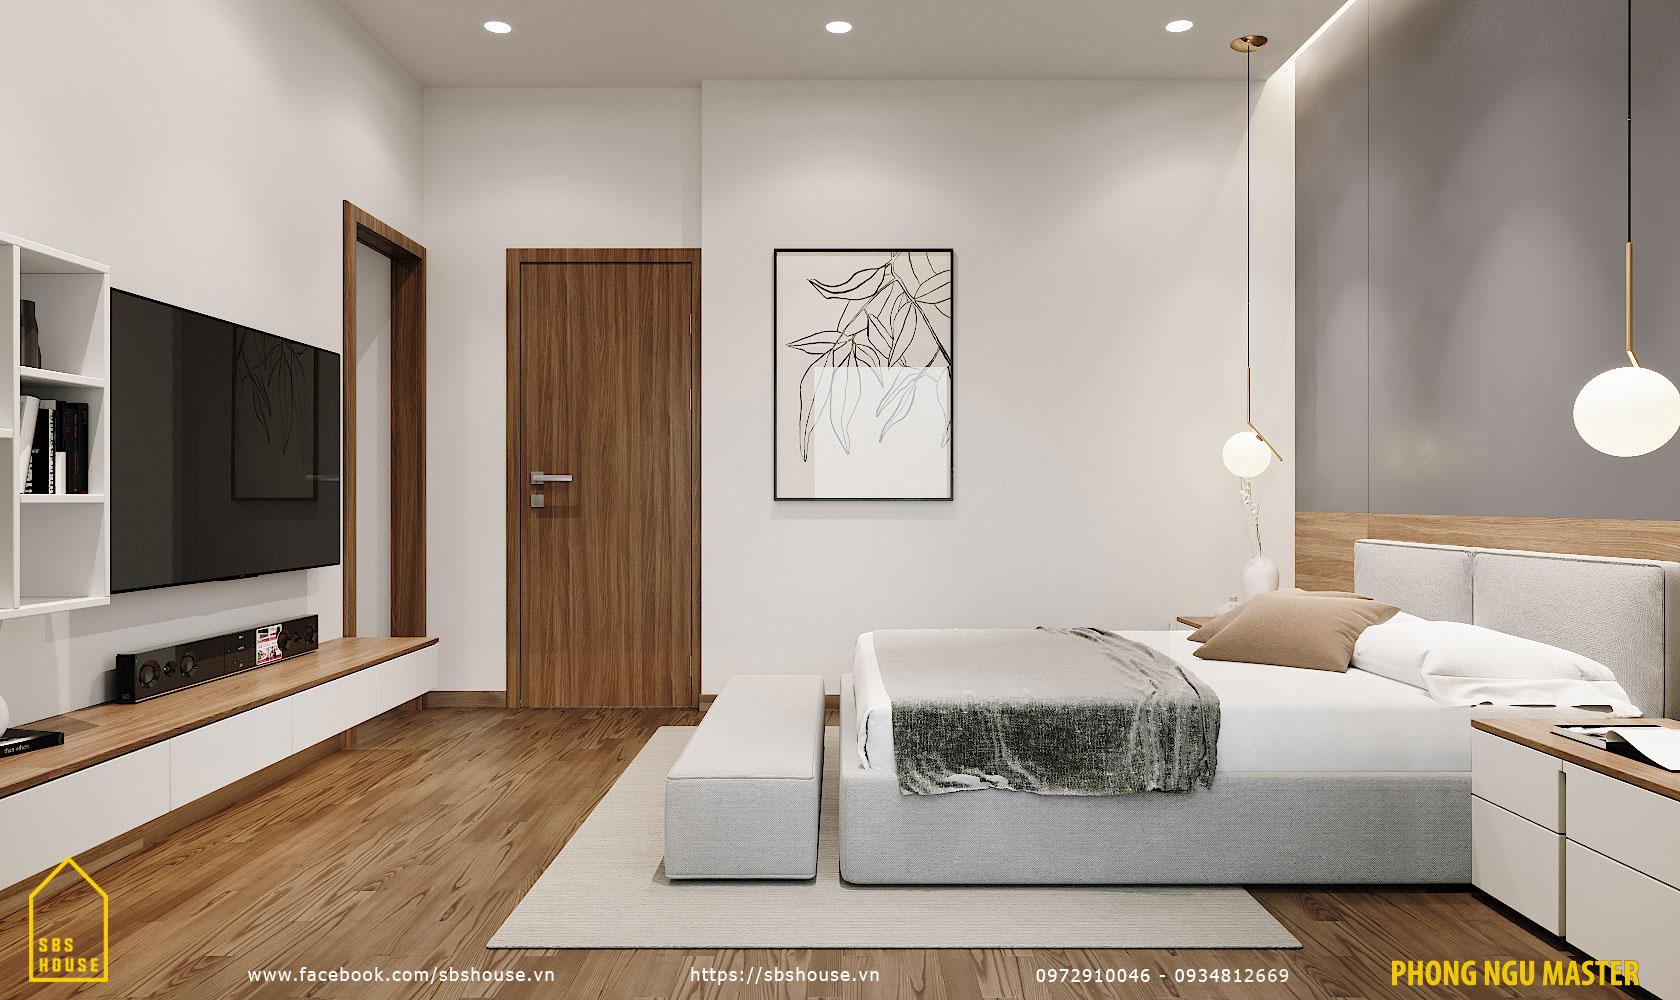 Mẫu phòng ngủ master tối giản